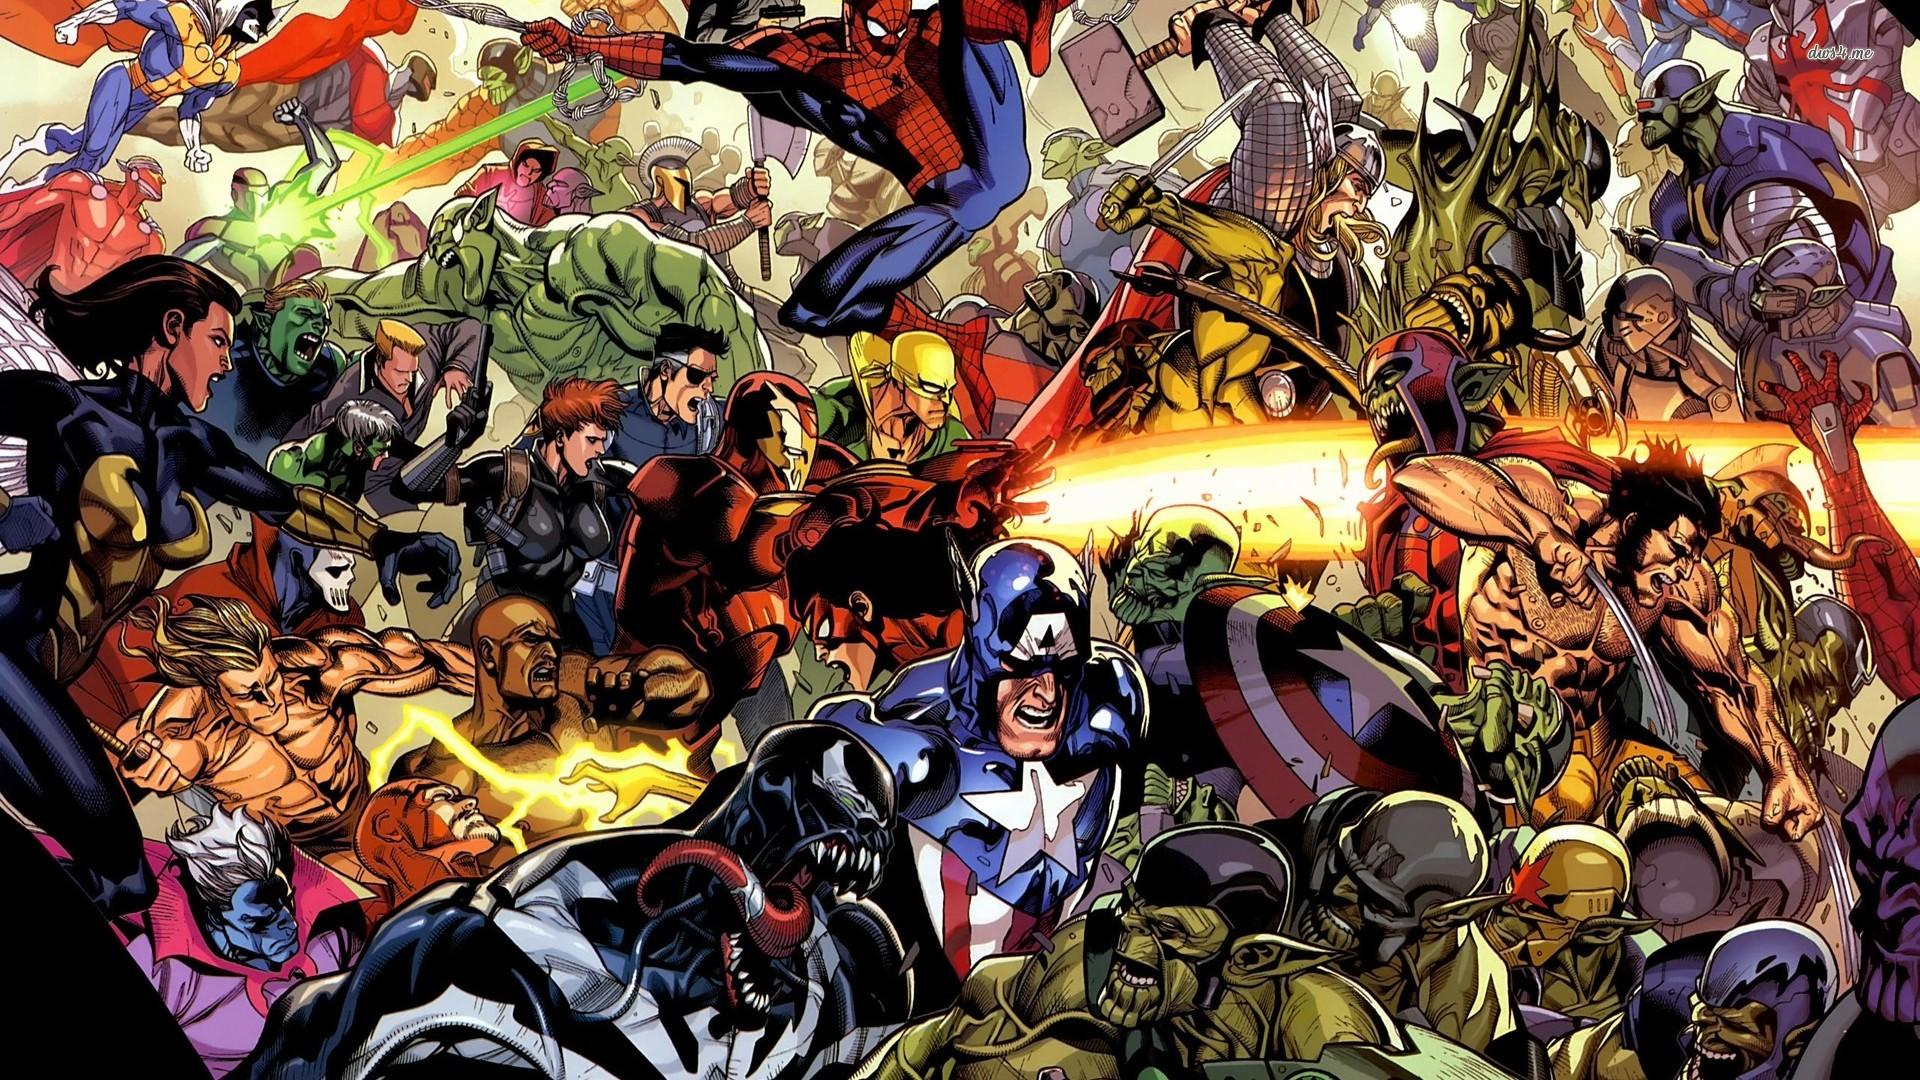 Marvel screensavers and wallpaper wallpapersafari - All marvel heroes wallpaper ...